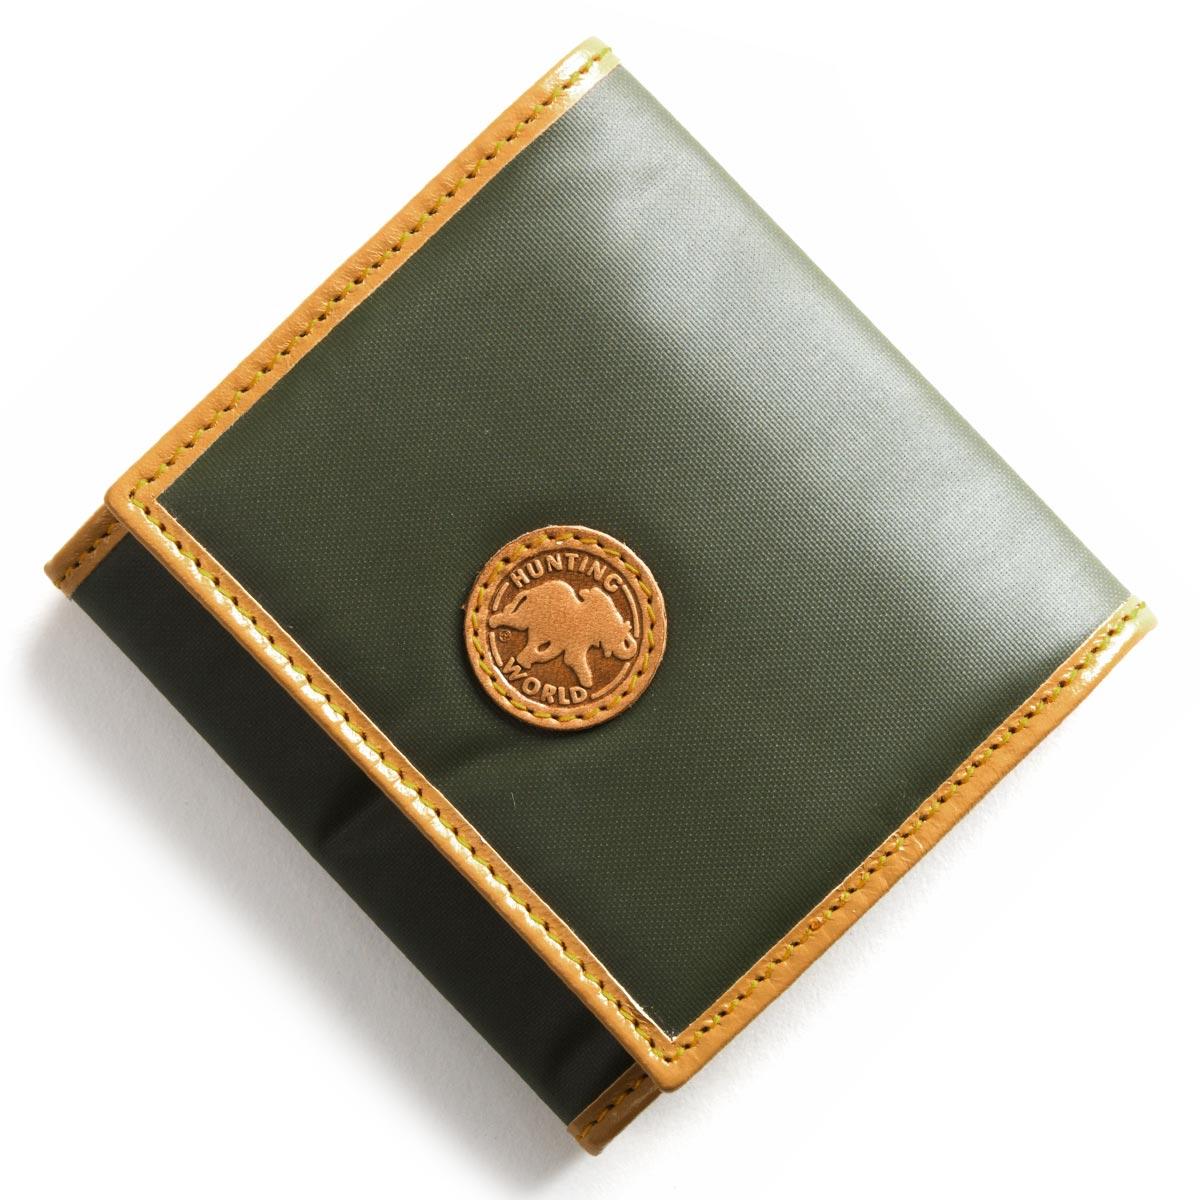 ハンティングワールド コインケース【小銭入れ】 財布 メンズ レディース バチュー オリジン BATTUE ORIGIN グリーン&ビンテージナチュラル 13 10A HUNTING WORLD